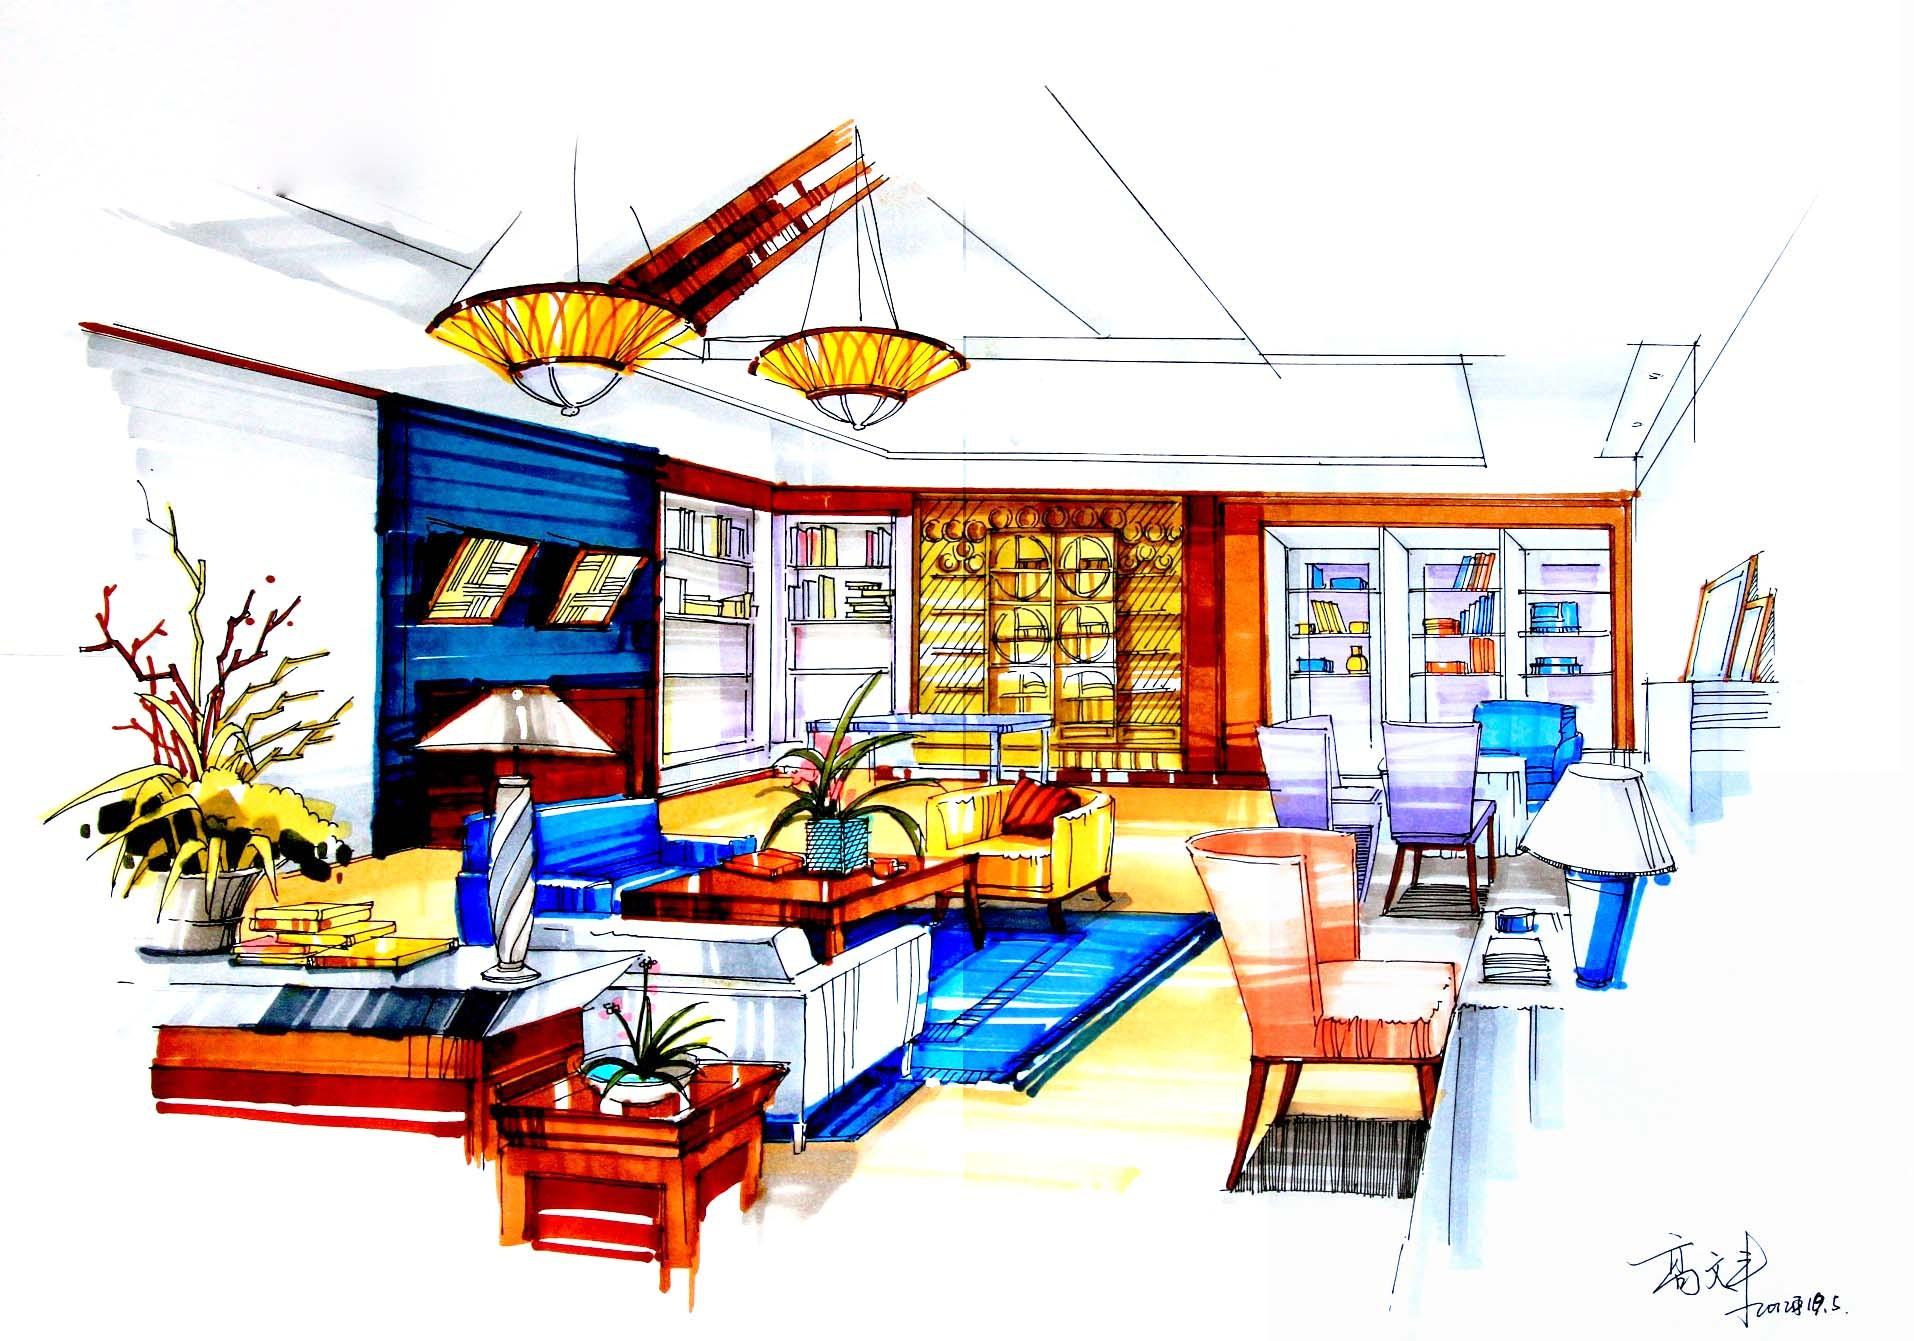 言有尽,绘无穷|内容|建筑设计|丰兄G-原创作品房地产精装修设计空间图片